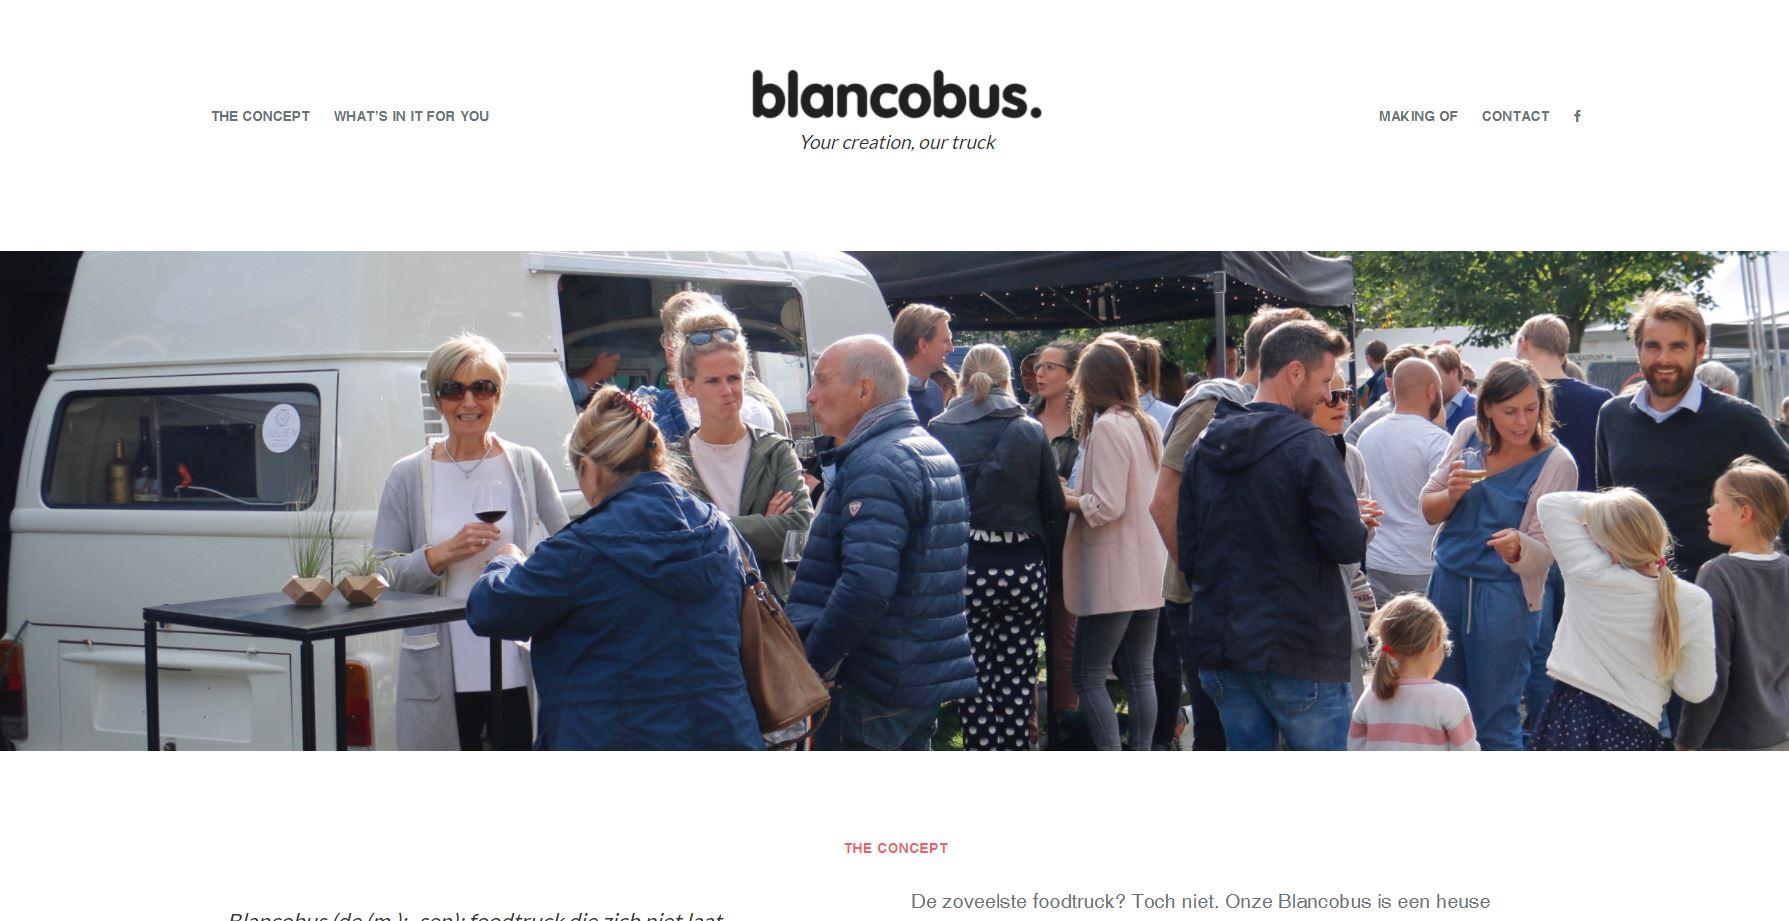 Blancobus